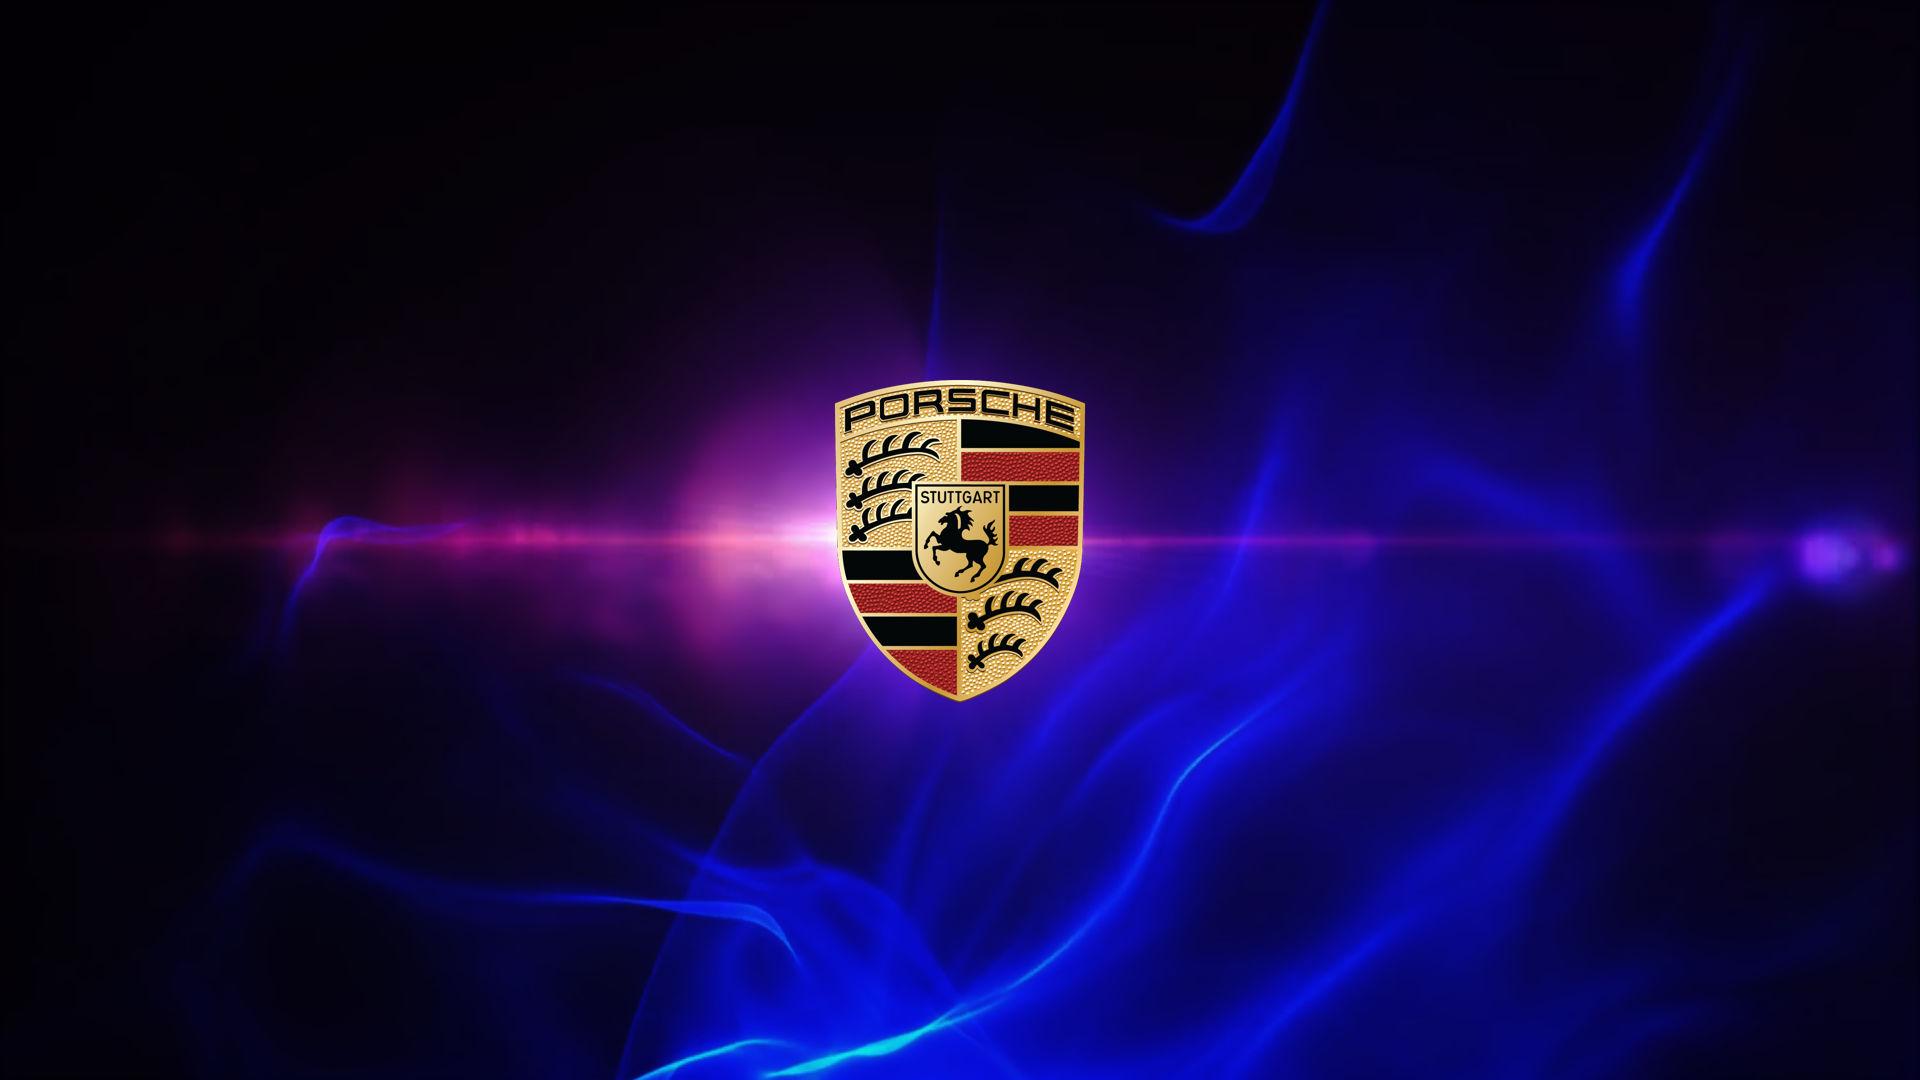 Porsche Logo Wallpaper Hd